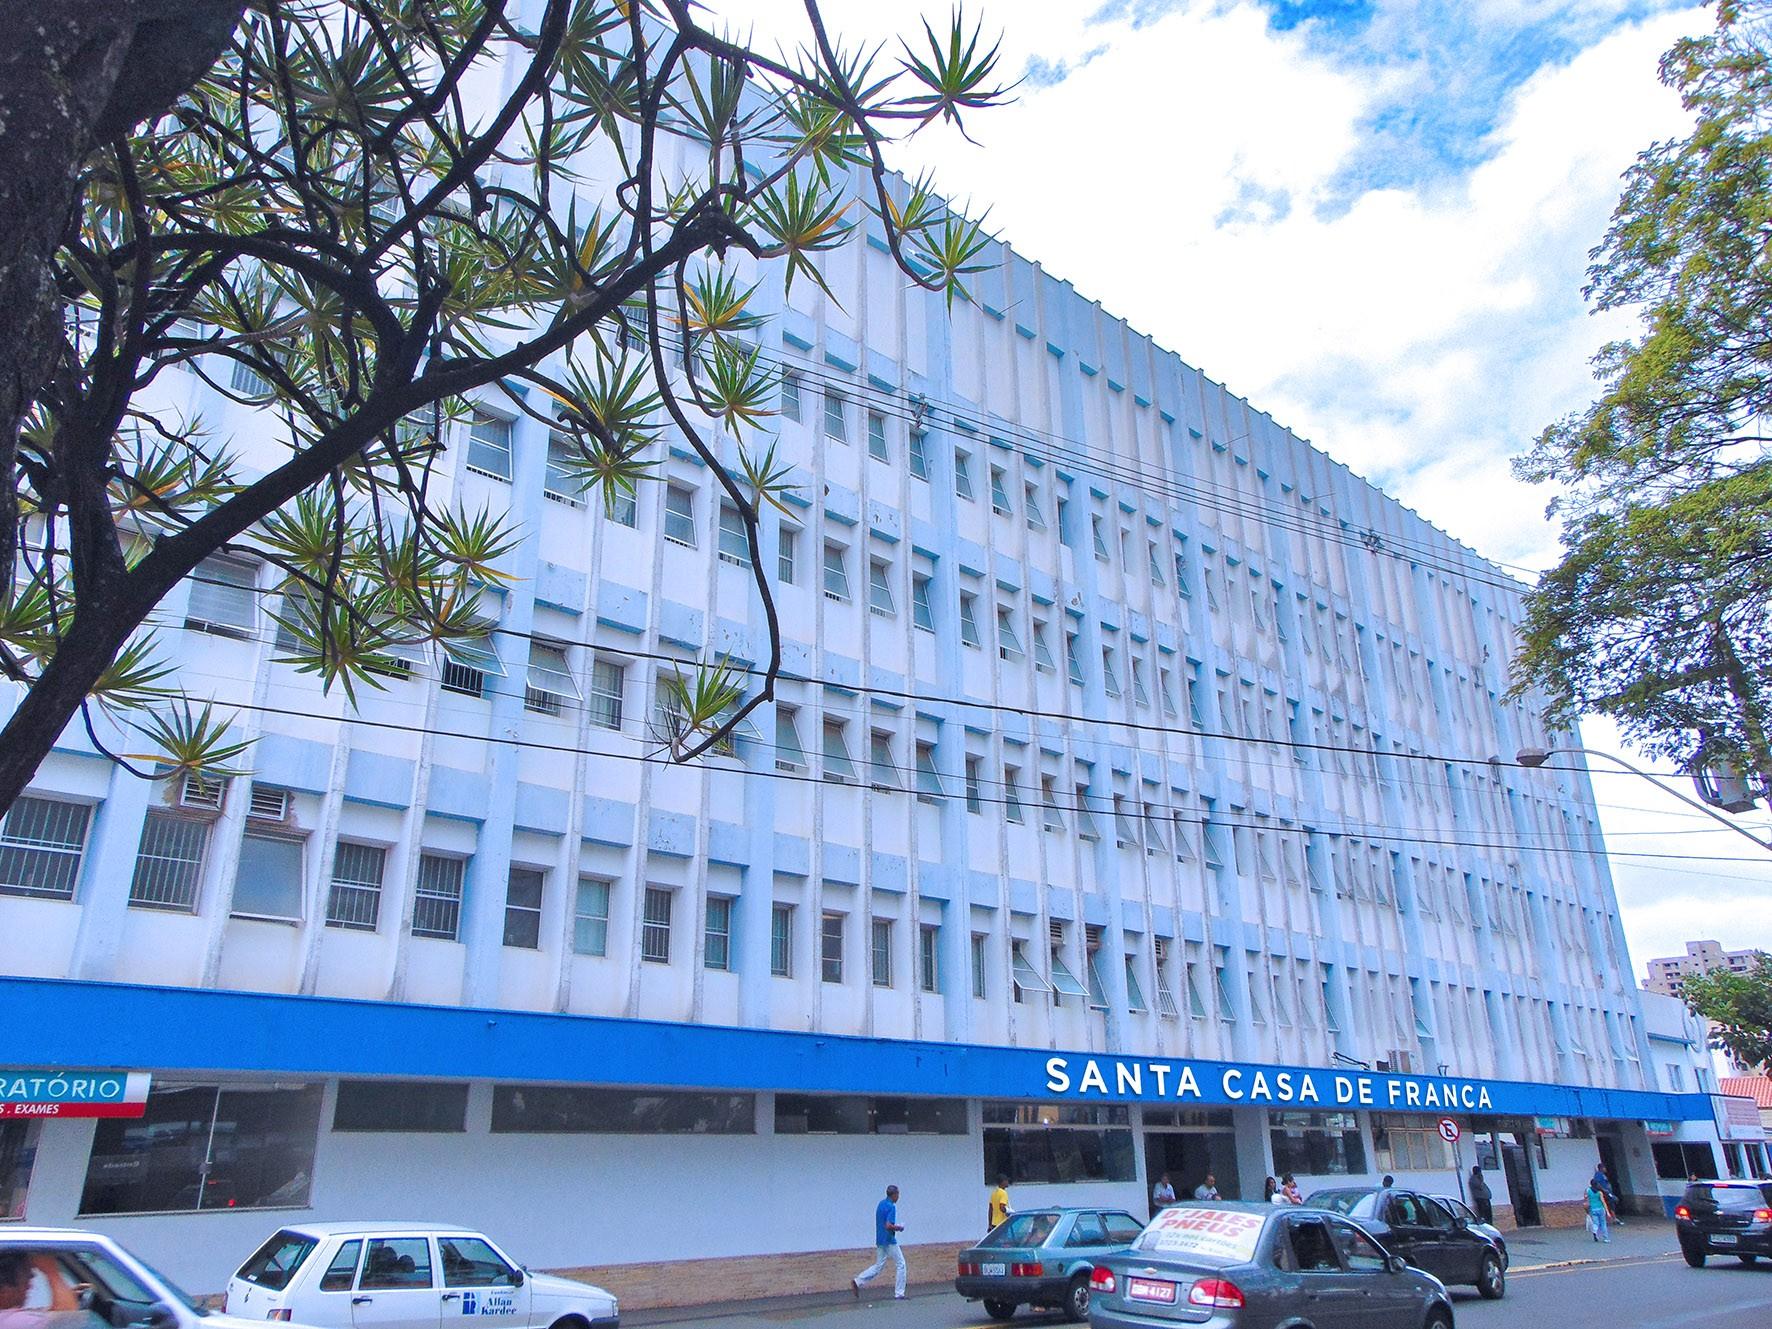 Justiça proíbe estado de SP de enviar pacientes com Covid-19 à Santa Casa de Franca, SP, que tem 100% dos leitos ocupados